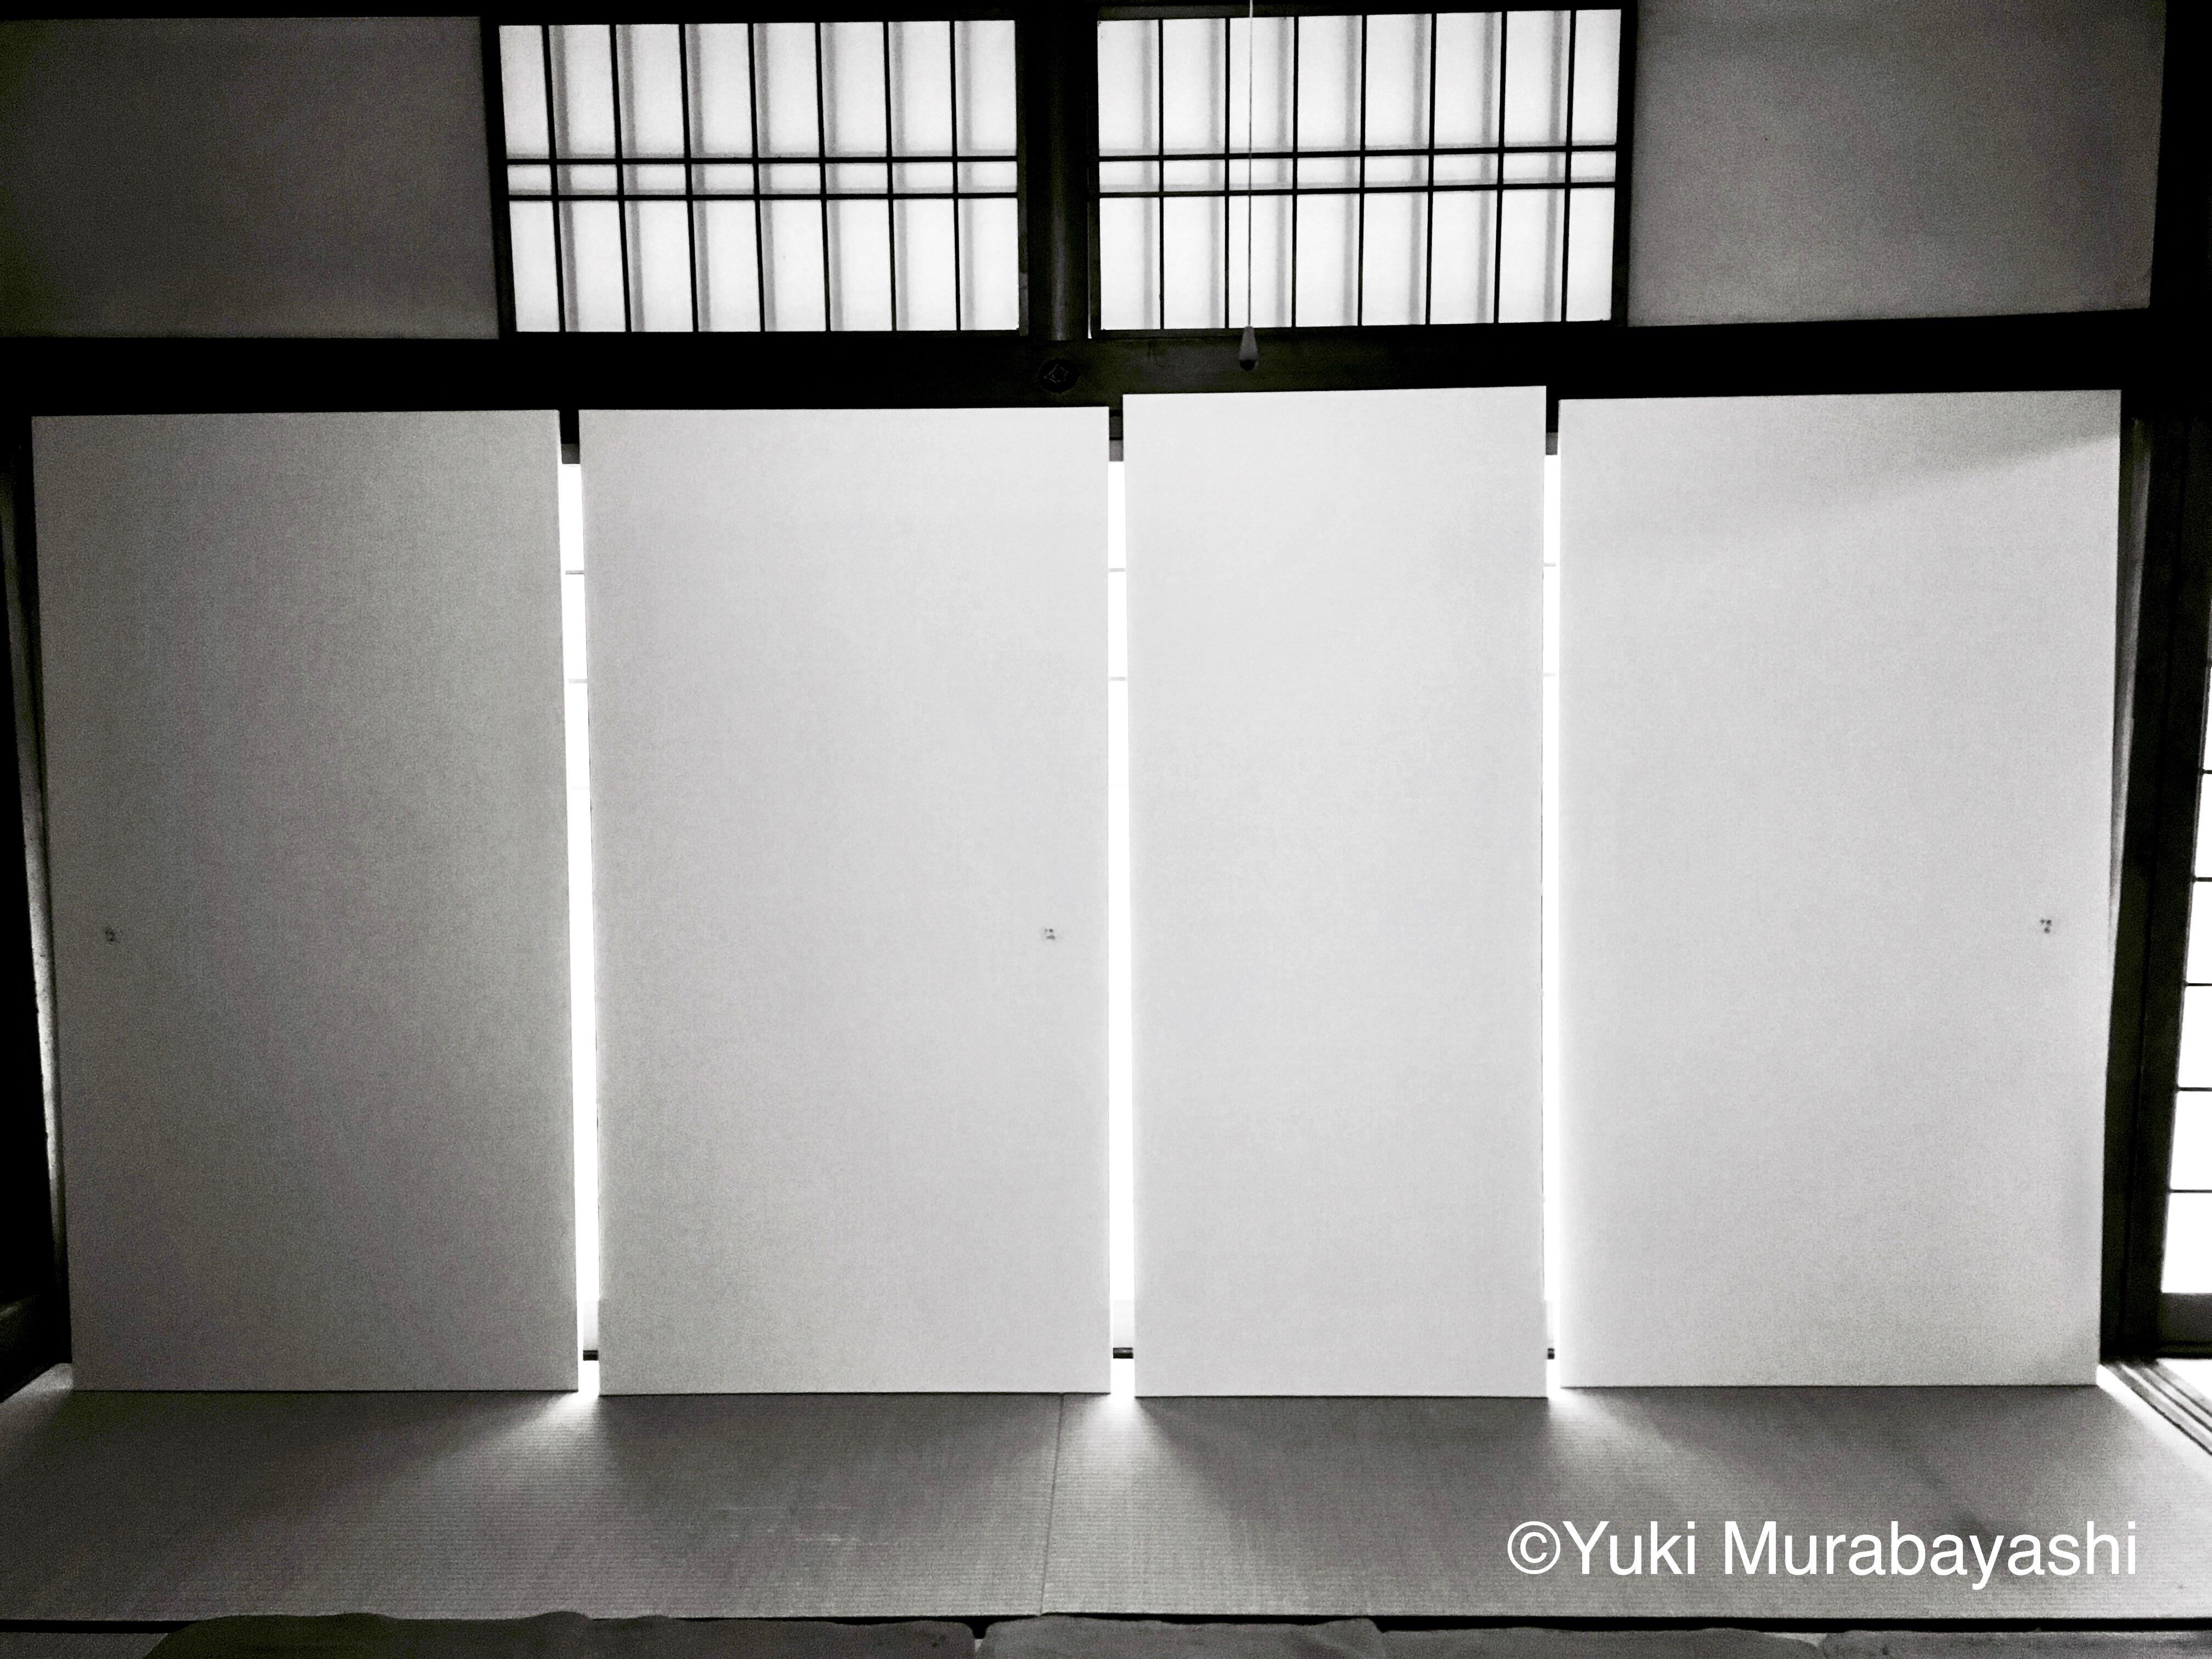 murabayashi_2019_0